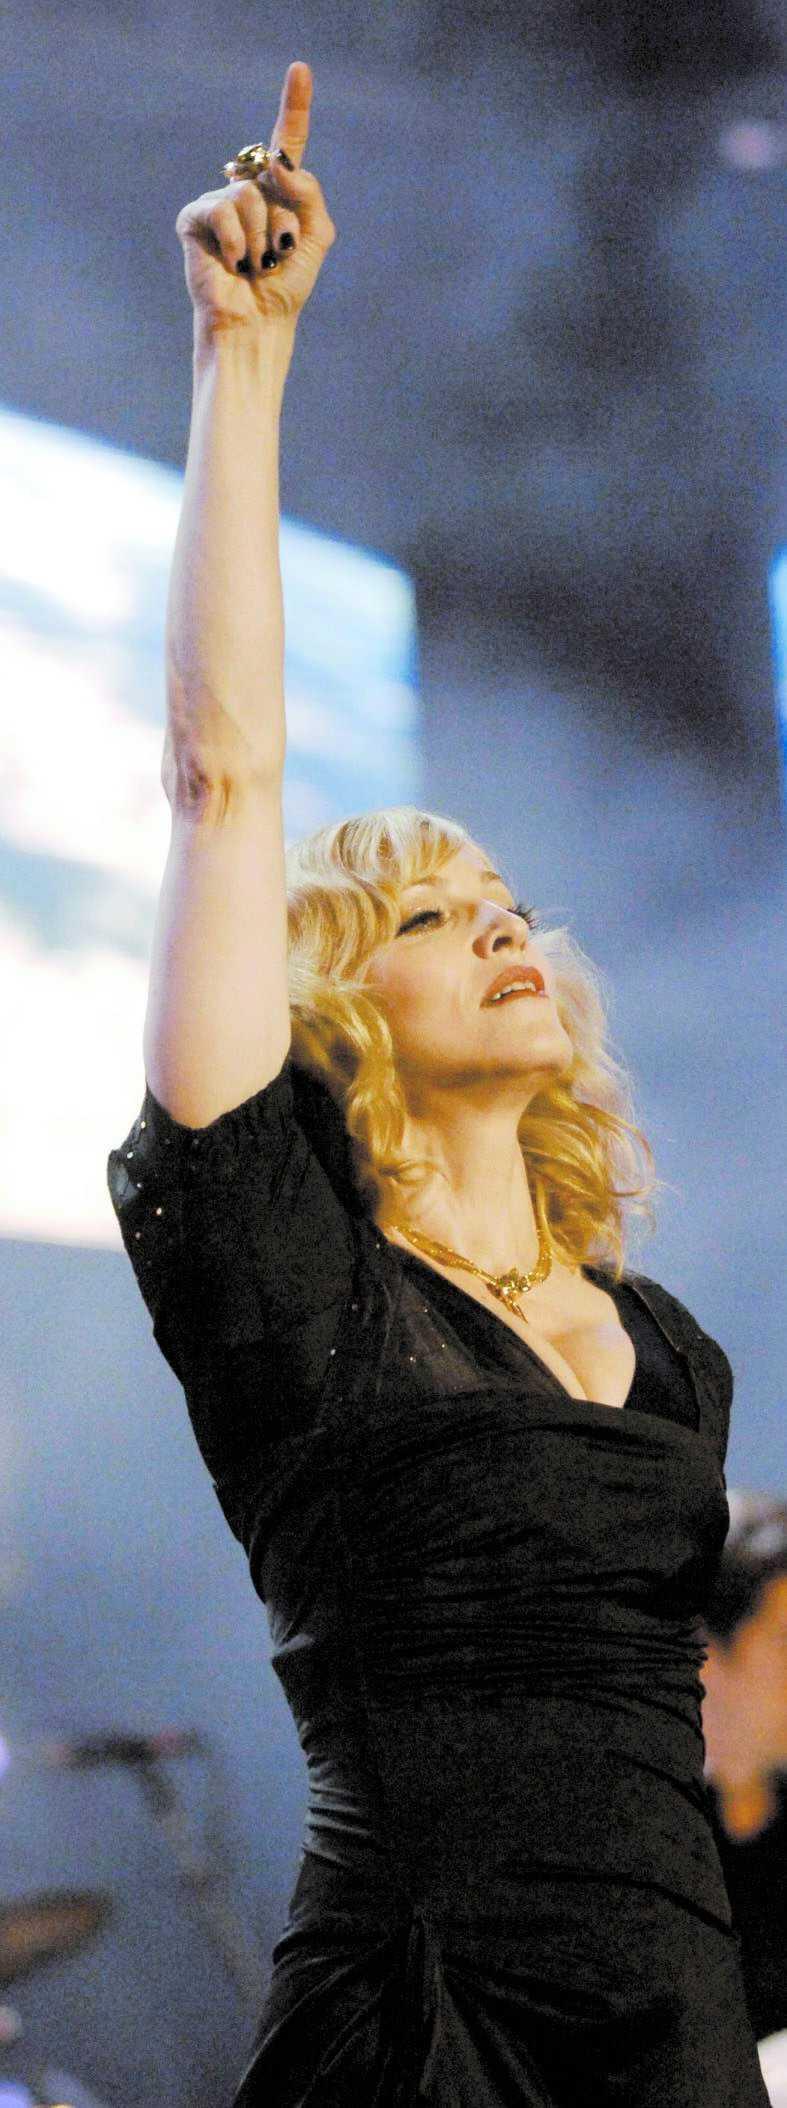 """Madonnas film """"Filth and wisdom"""" visas i Berlin."""